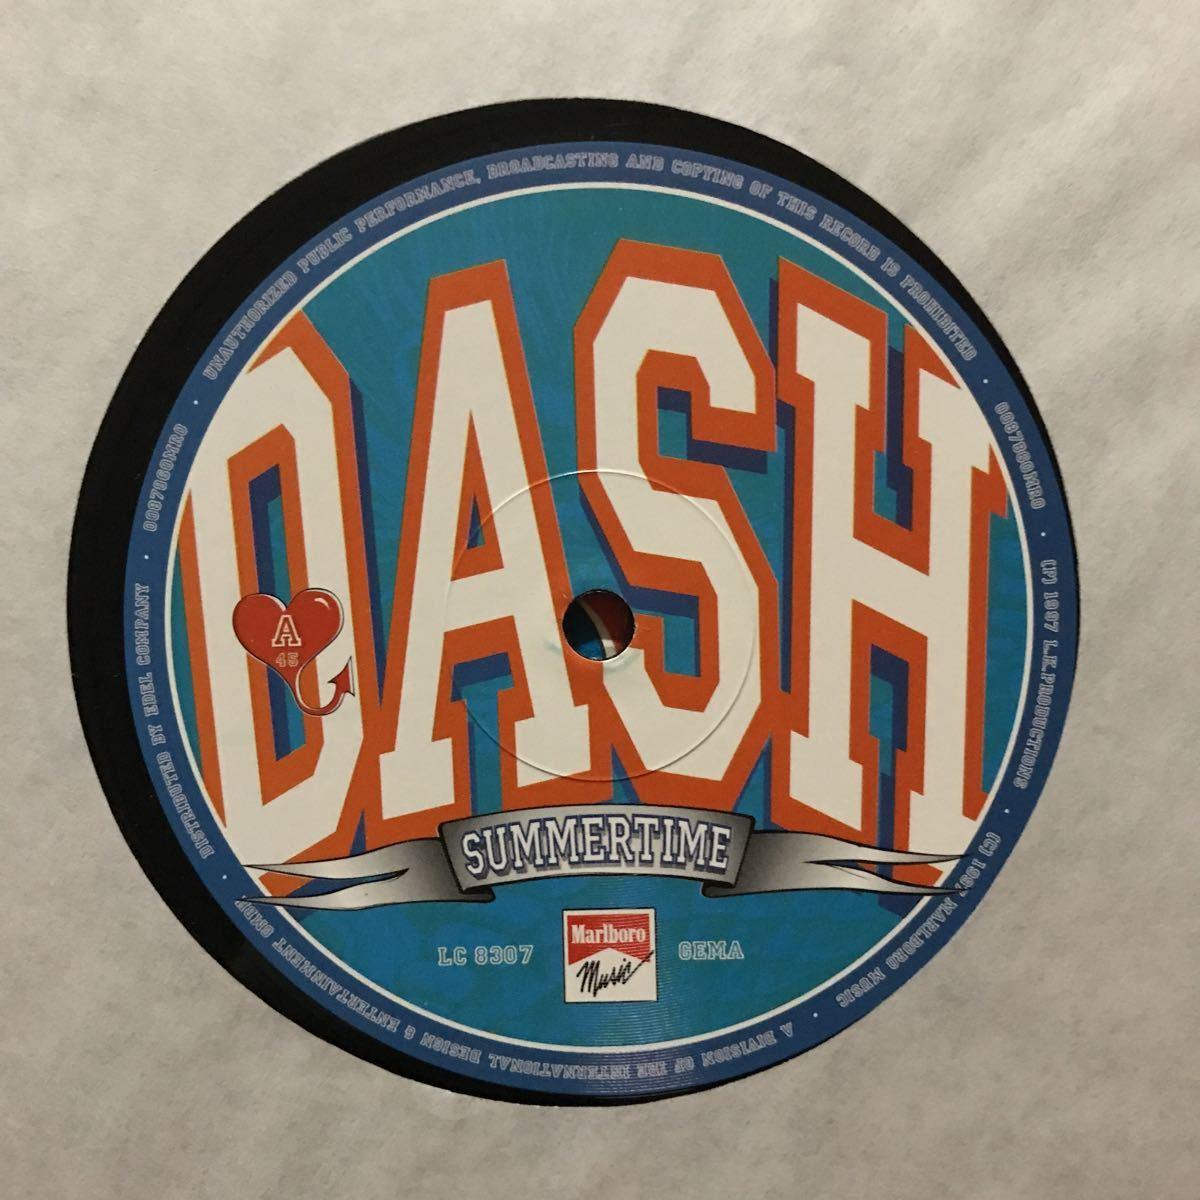 ●【eu-rap】dash / summertime[12inch]オリジナル盤《R74 9595》